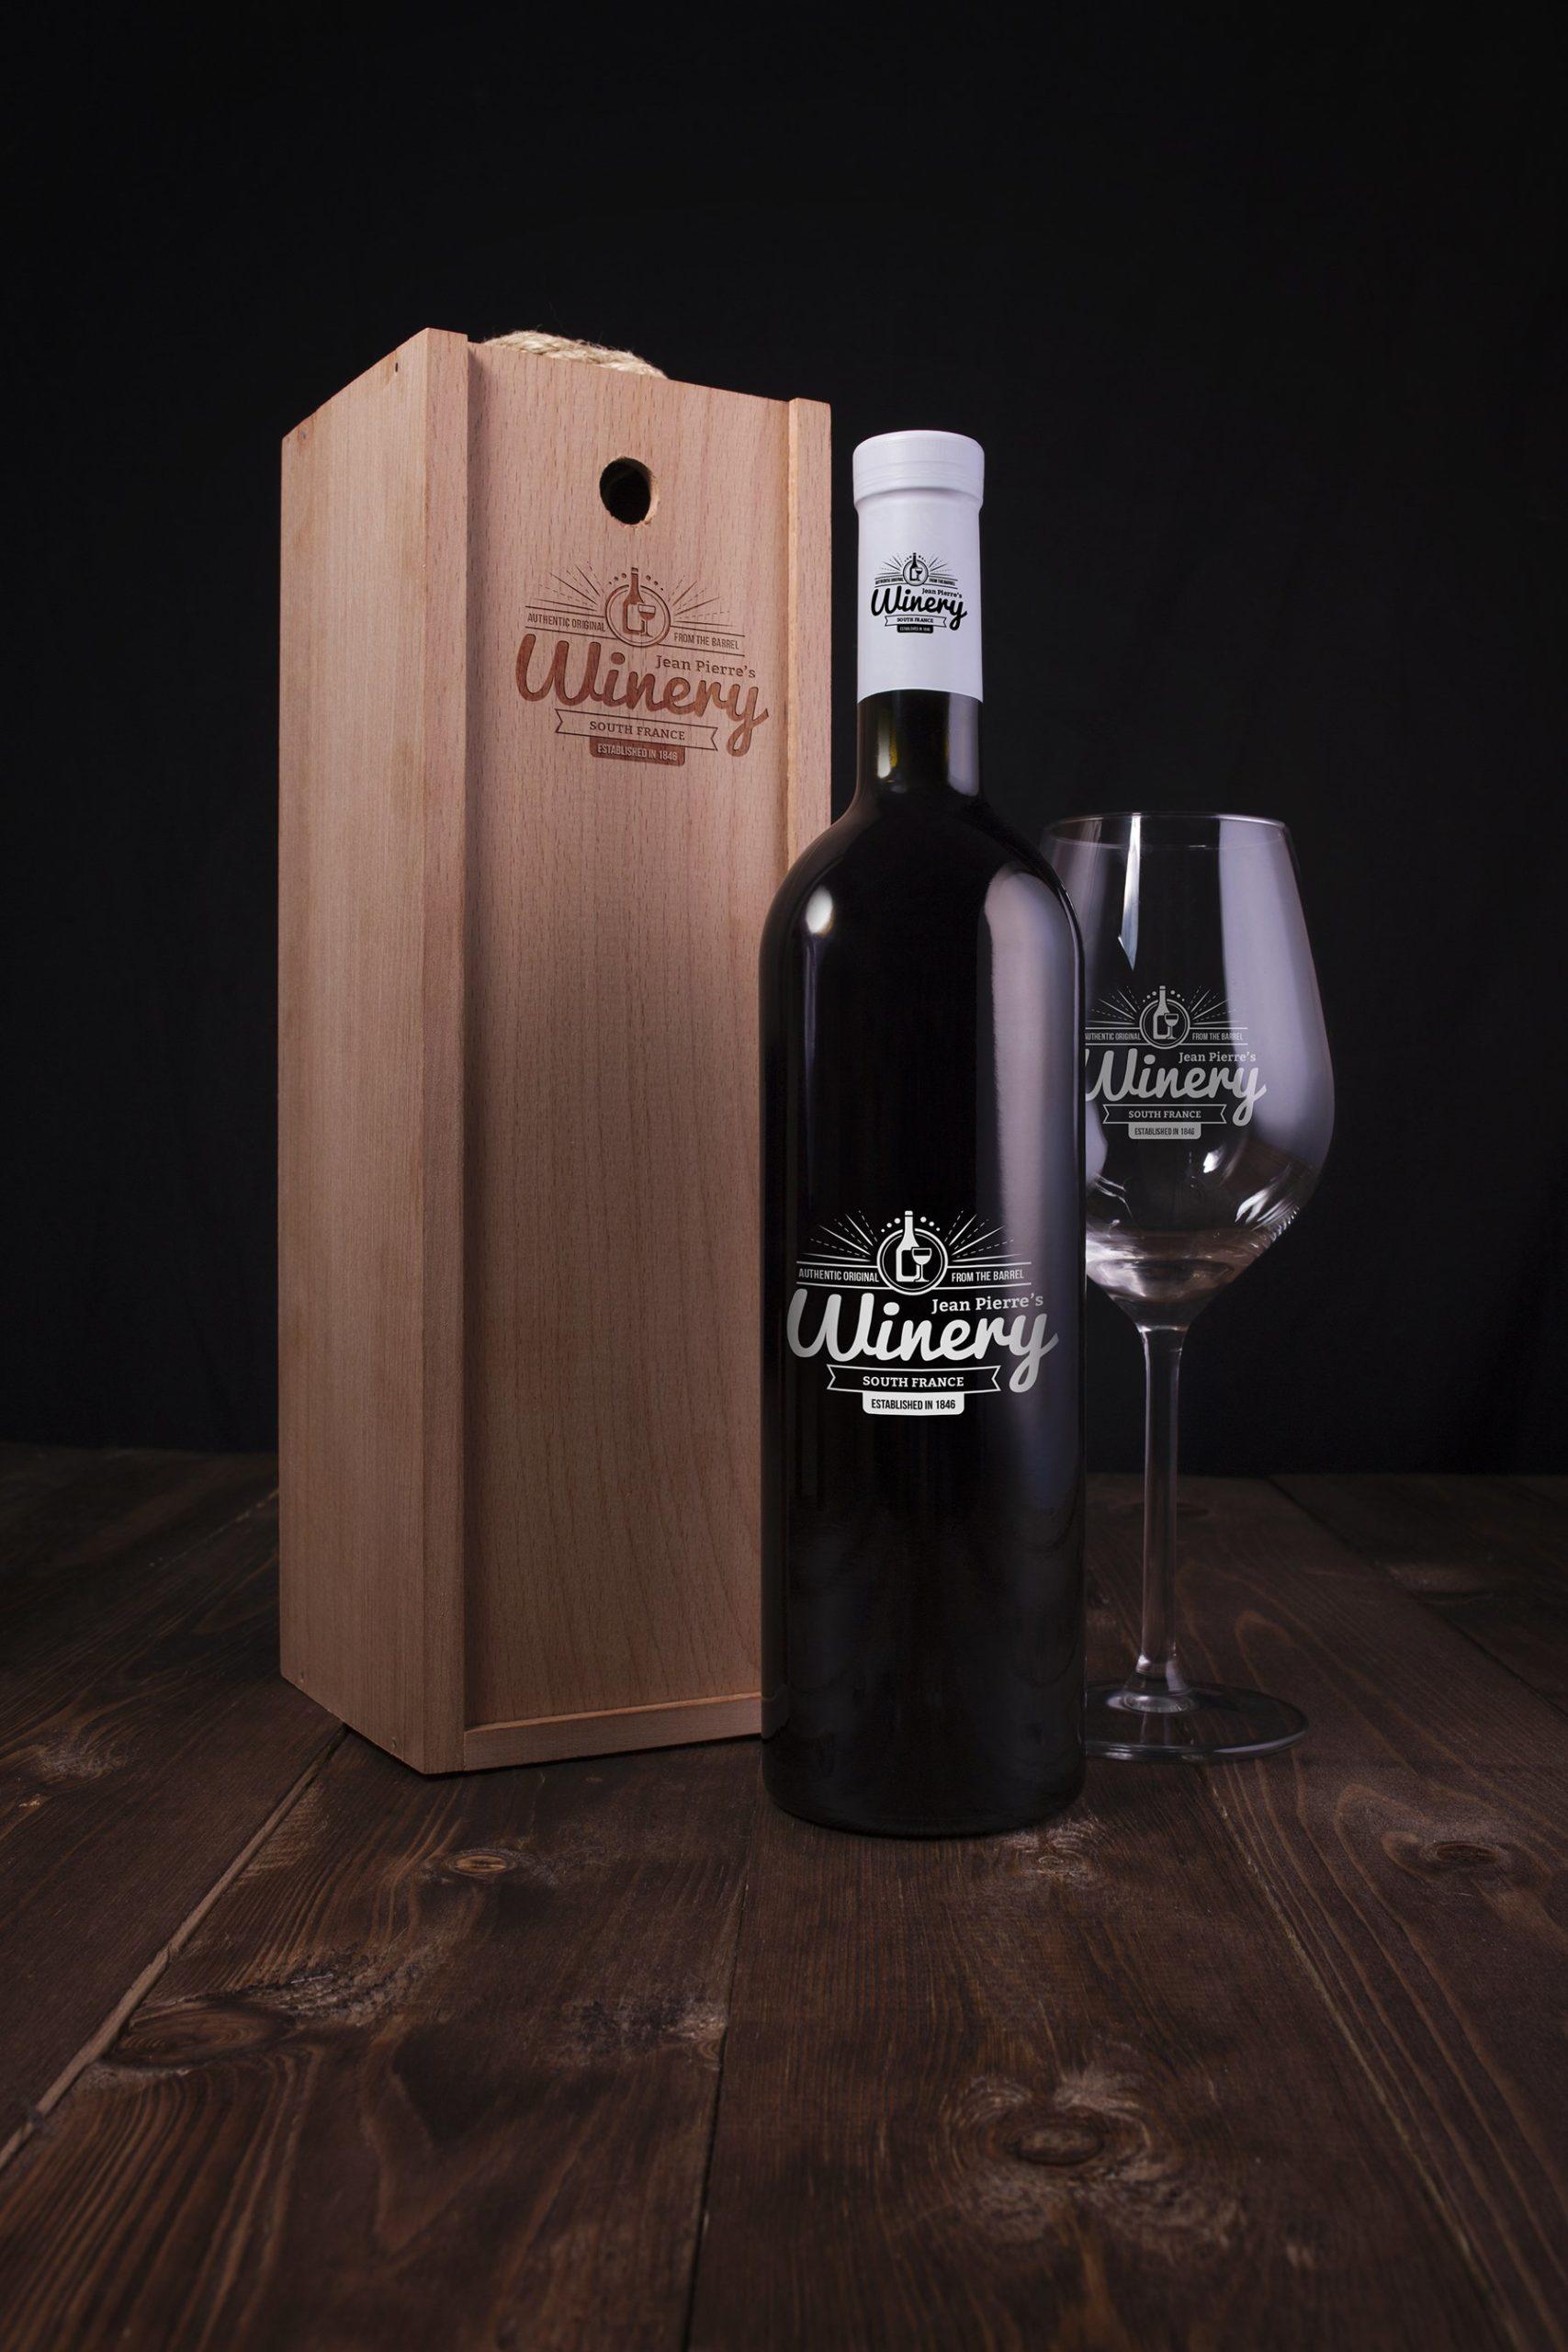 6款高品质葡萄酒木质盒子设计展示贴图样机 Wine Bottle And Box Mockups插图7